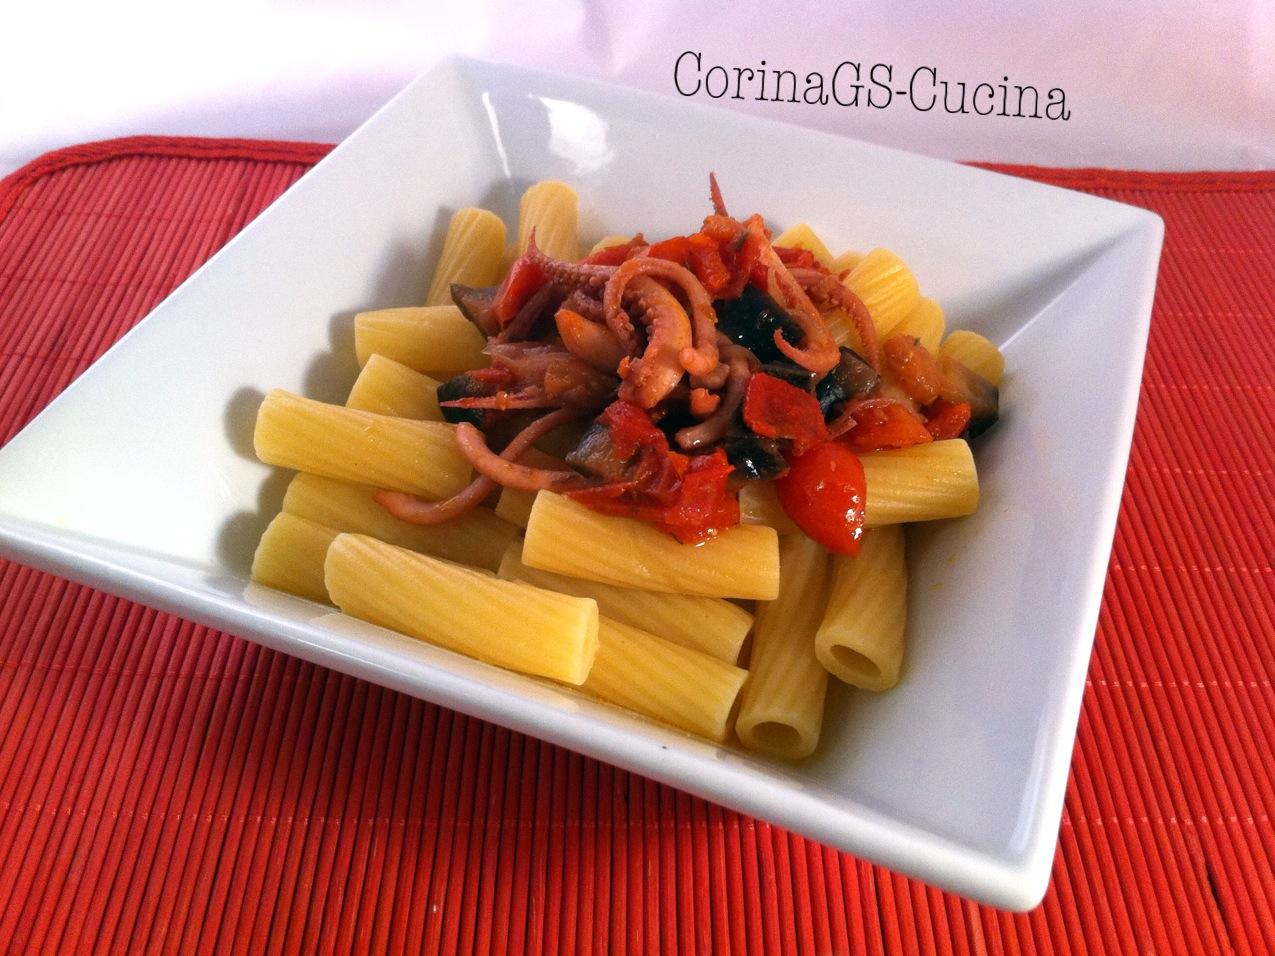 Pasta con ciuffi di totani, pomodorini e melanzana-CorinaGS-Cucina